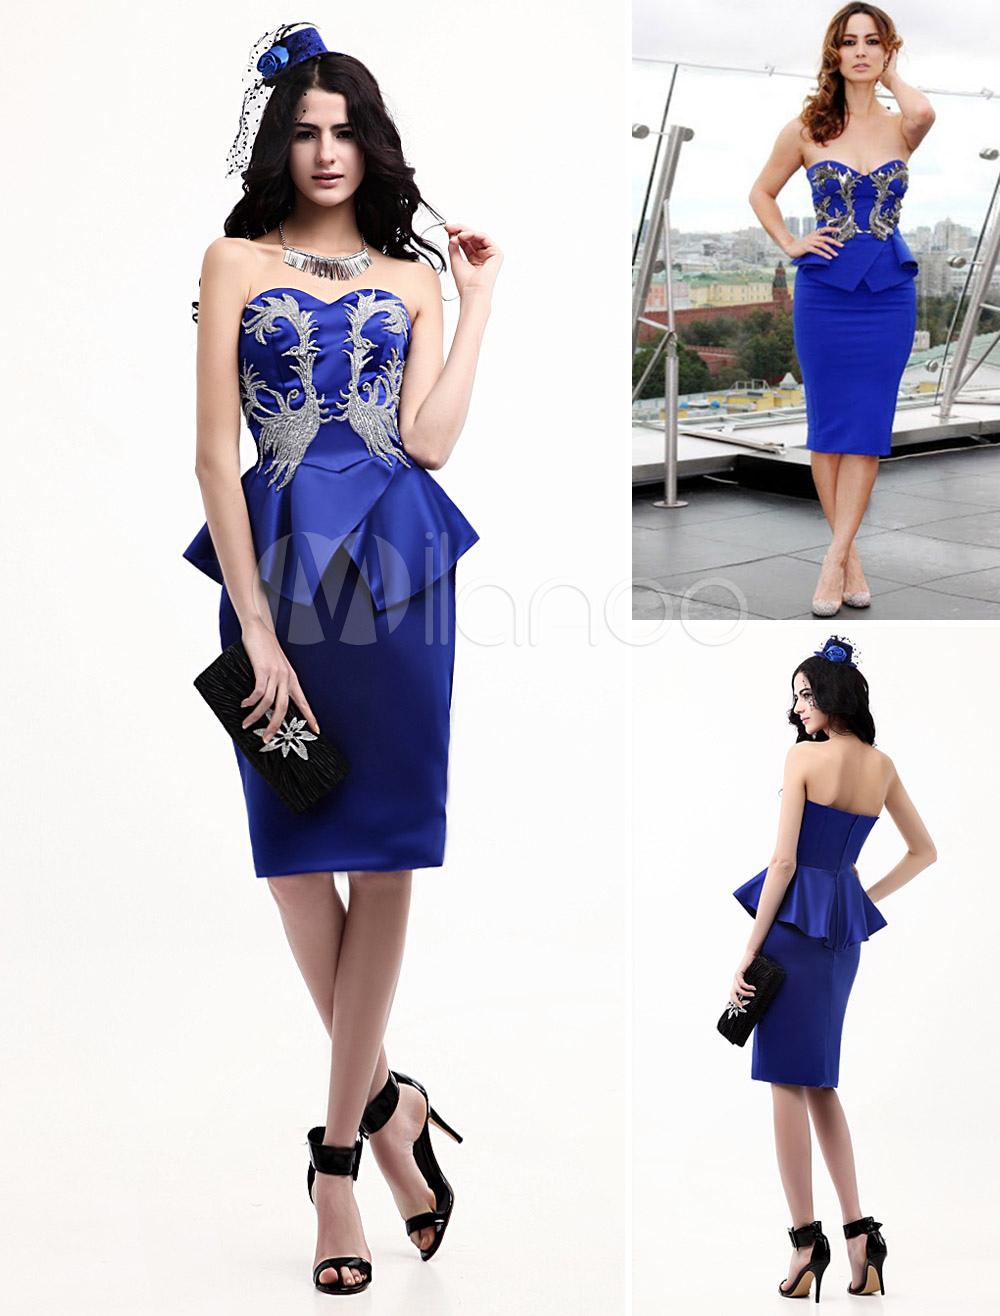 Royal Blue Strapless Applique Celebrity Peplum Dress - Milanoo.com